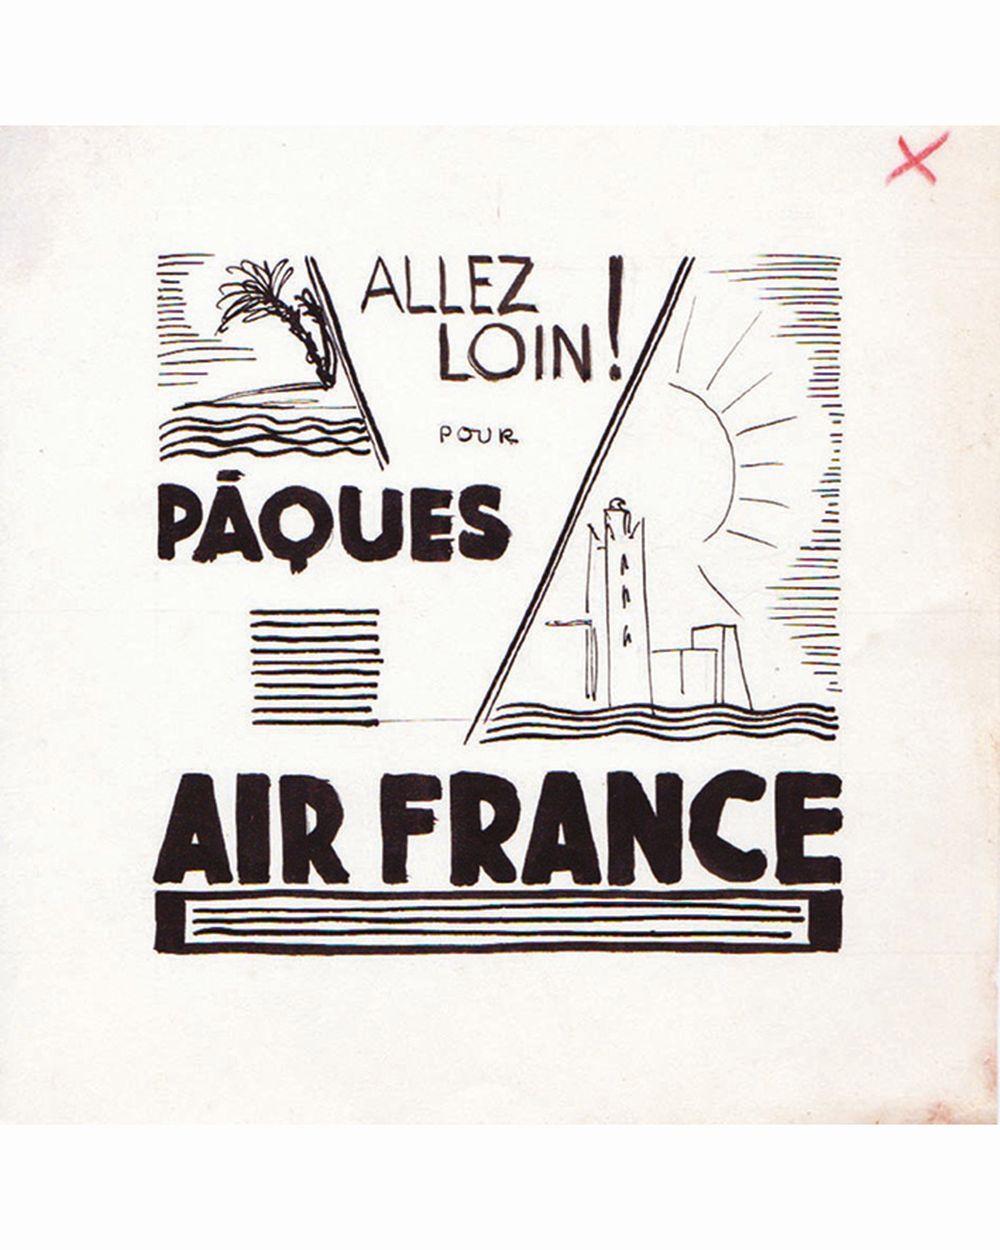 DOOB - Allez plus loin pour Pâques Air France ddessin à l'encre de chine drawing in china ink unic piece     1938